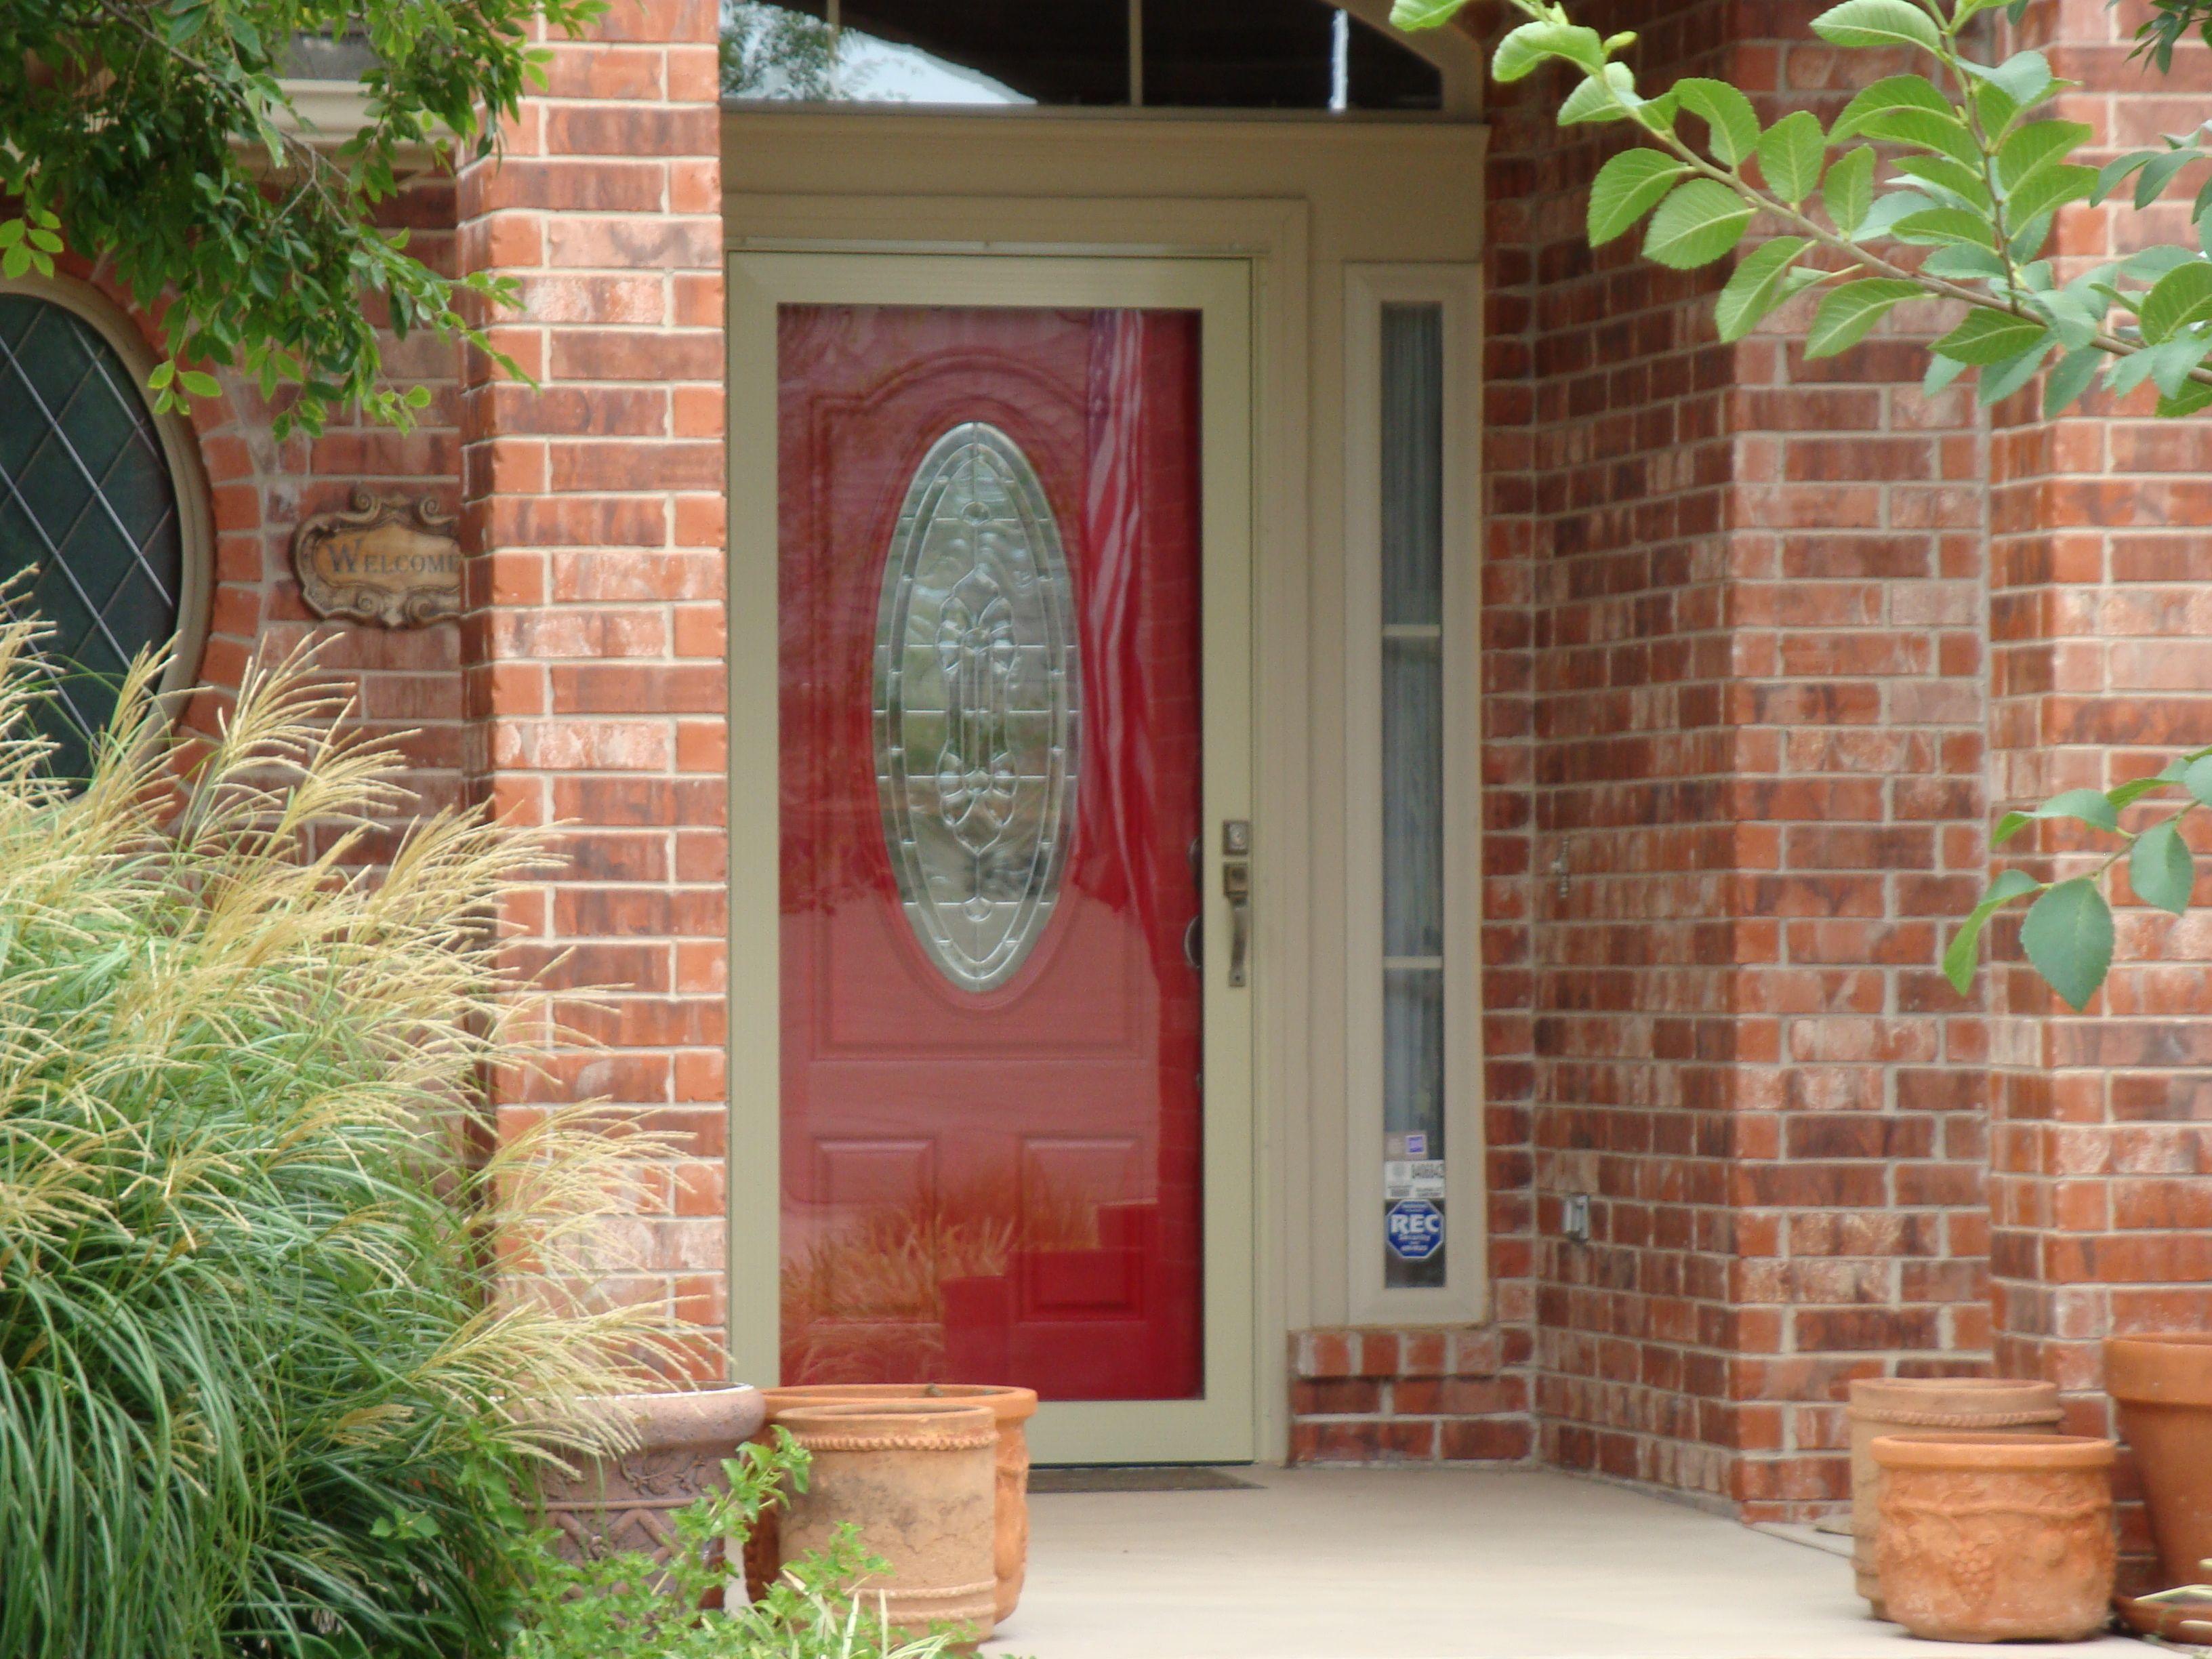 Pictures of front doors with storm doors - Loving A Red Front Door Better With Light Colored Storm Door